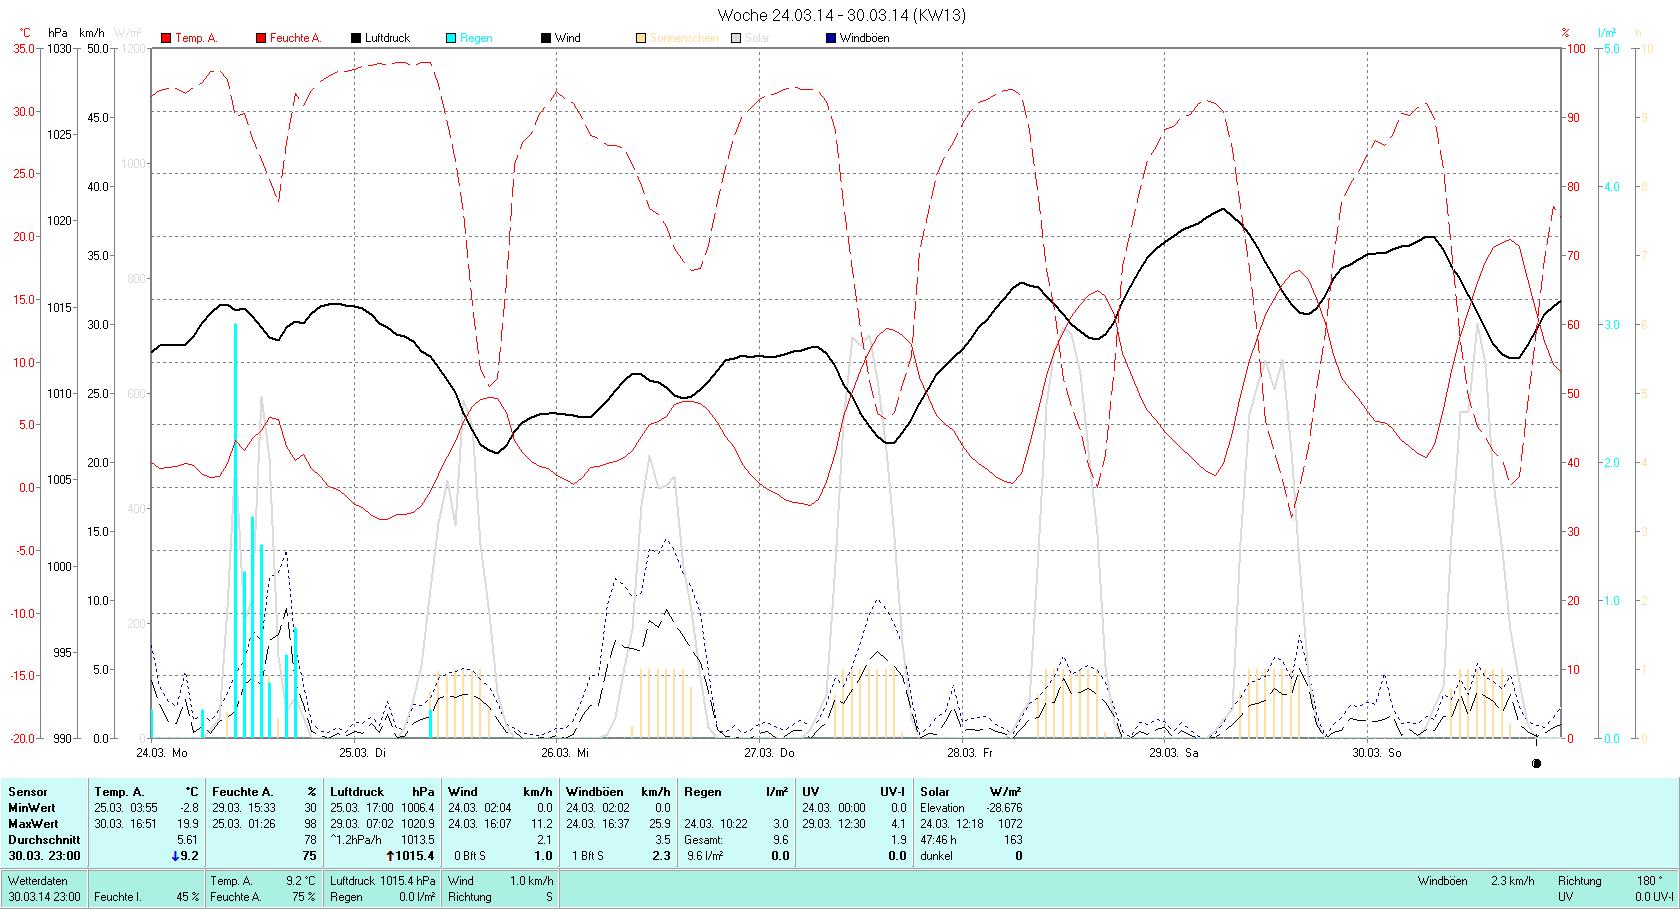 KW 13 Tmin -2.8°C, Tmax 19.9°C, Sonne 50:31h, Niederschlag 9.6mm/2